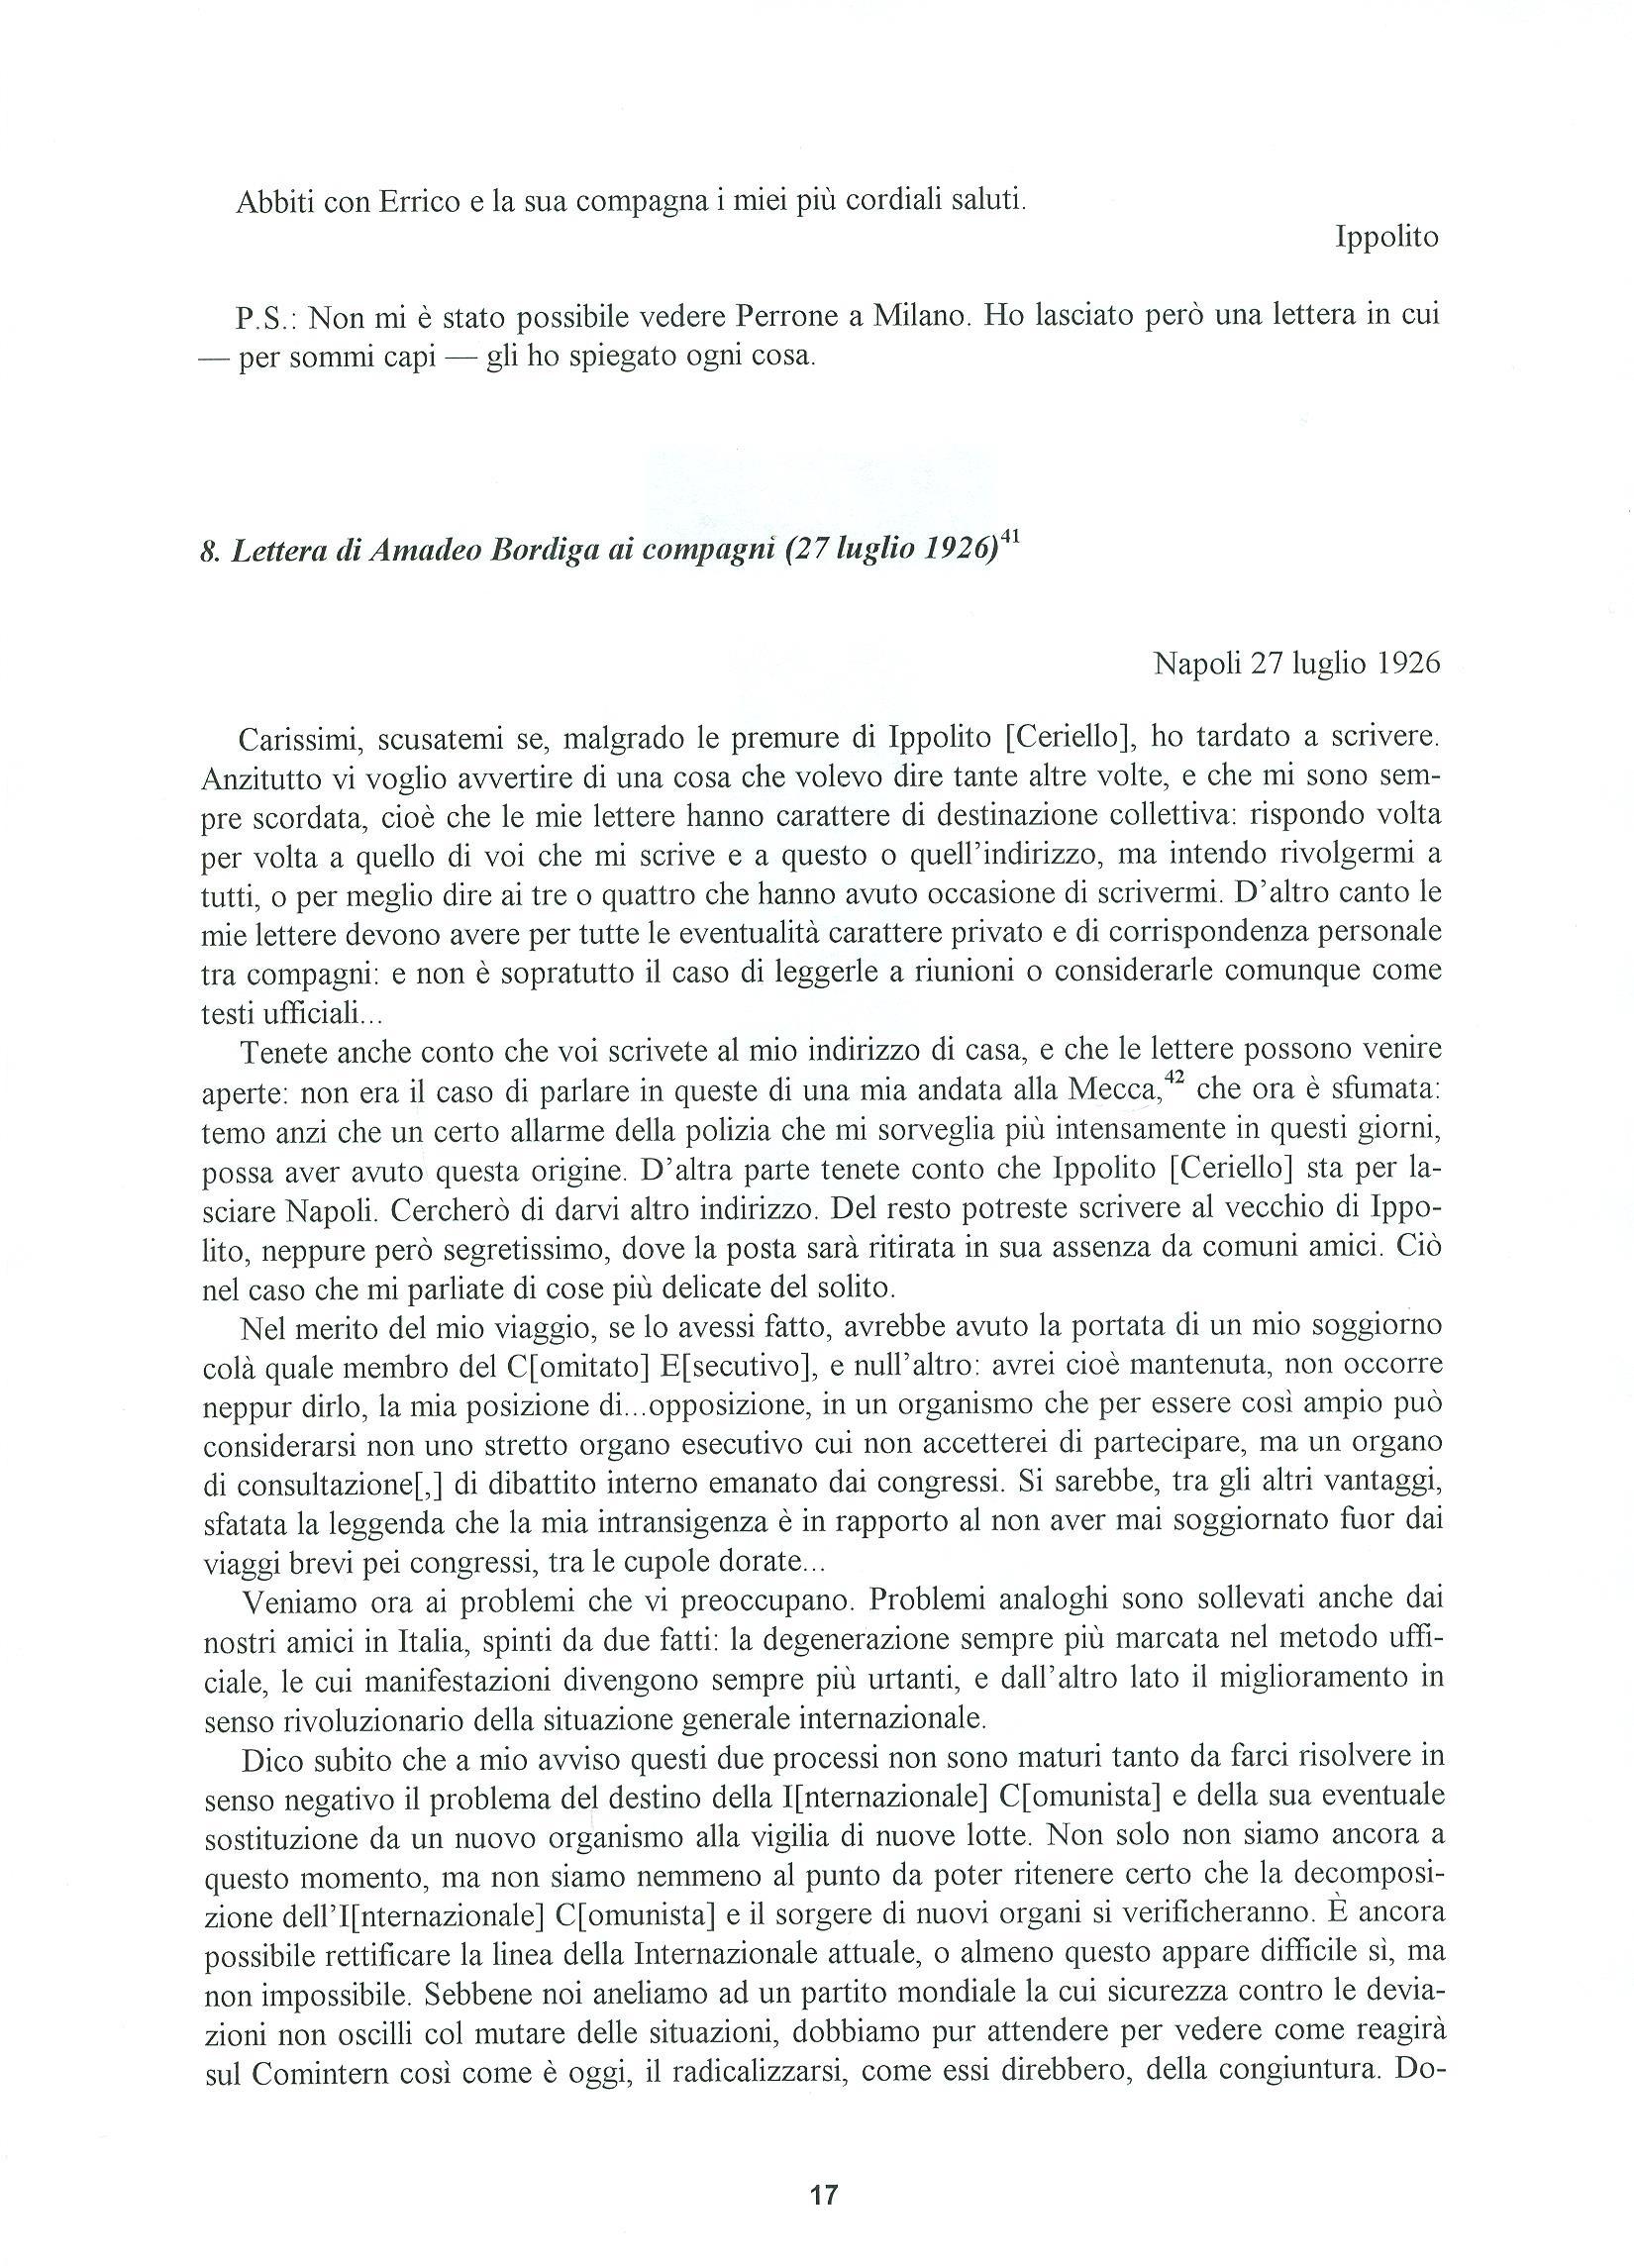 Quaderni del Centro Studi Pietro Tresso (1996-2009) n. 14 (novembre 1998) - pag. 18